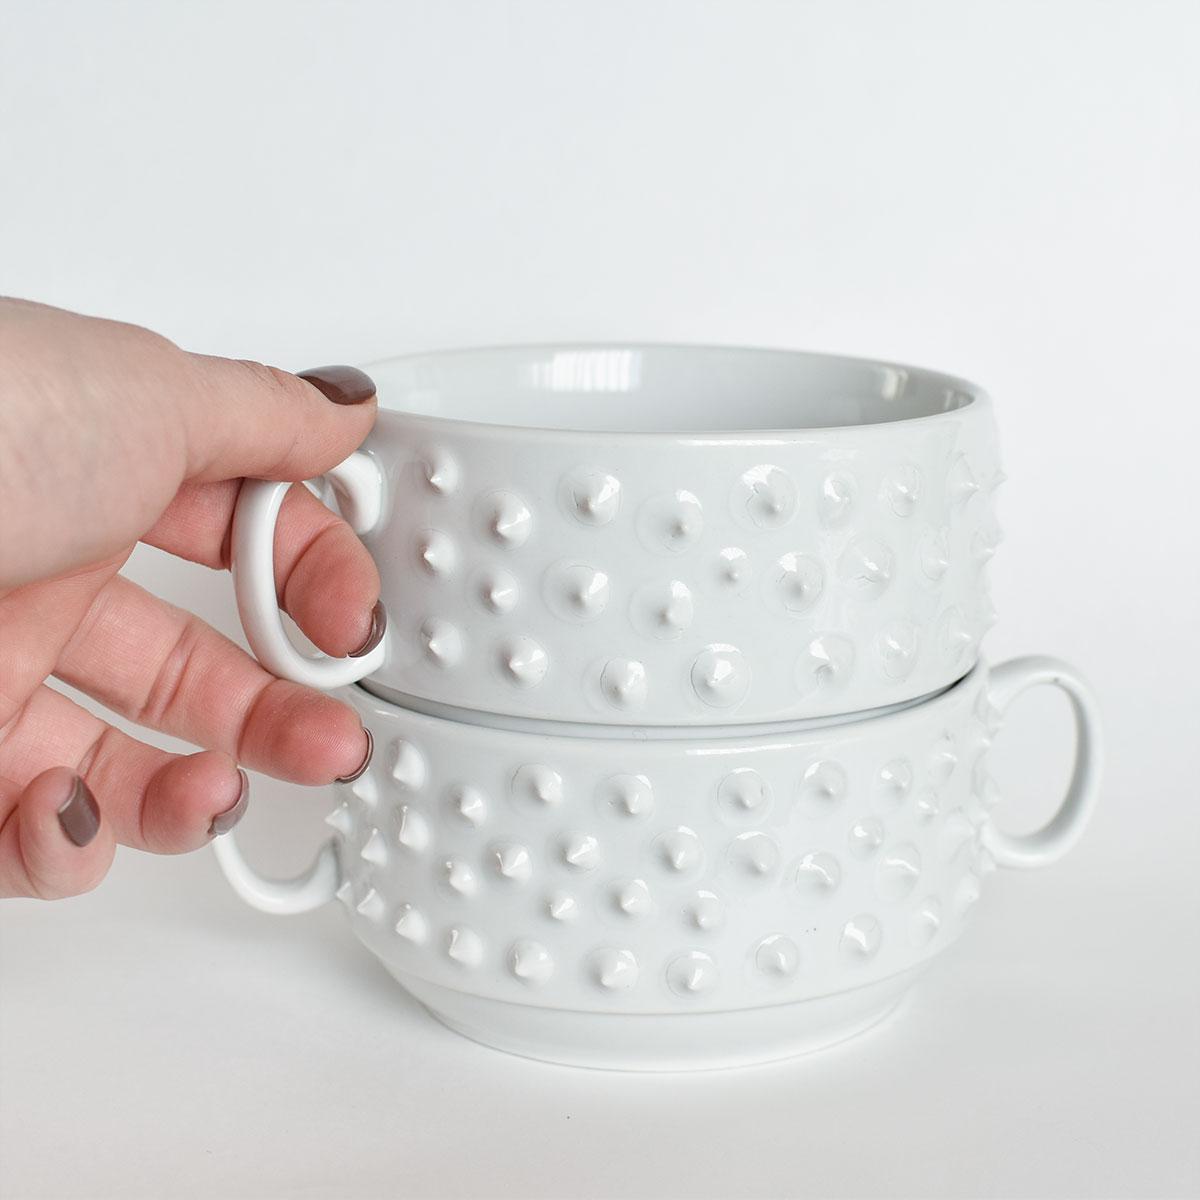 картинка Белая супница с шипами - DishWishes.Ru